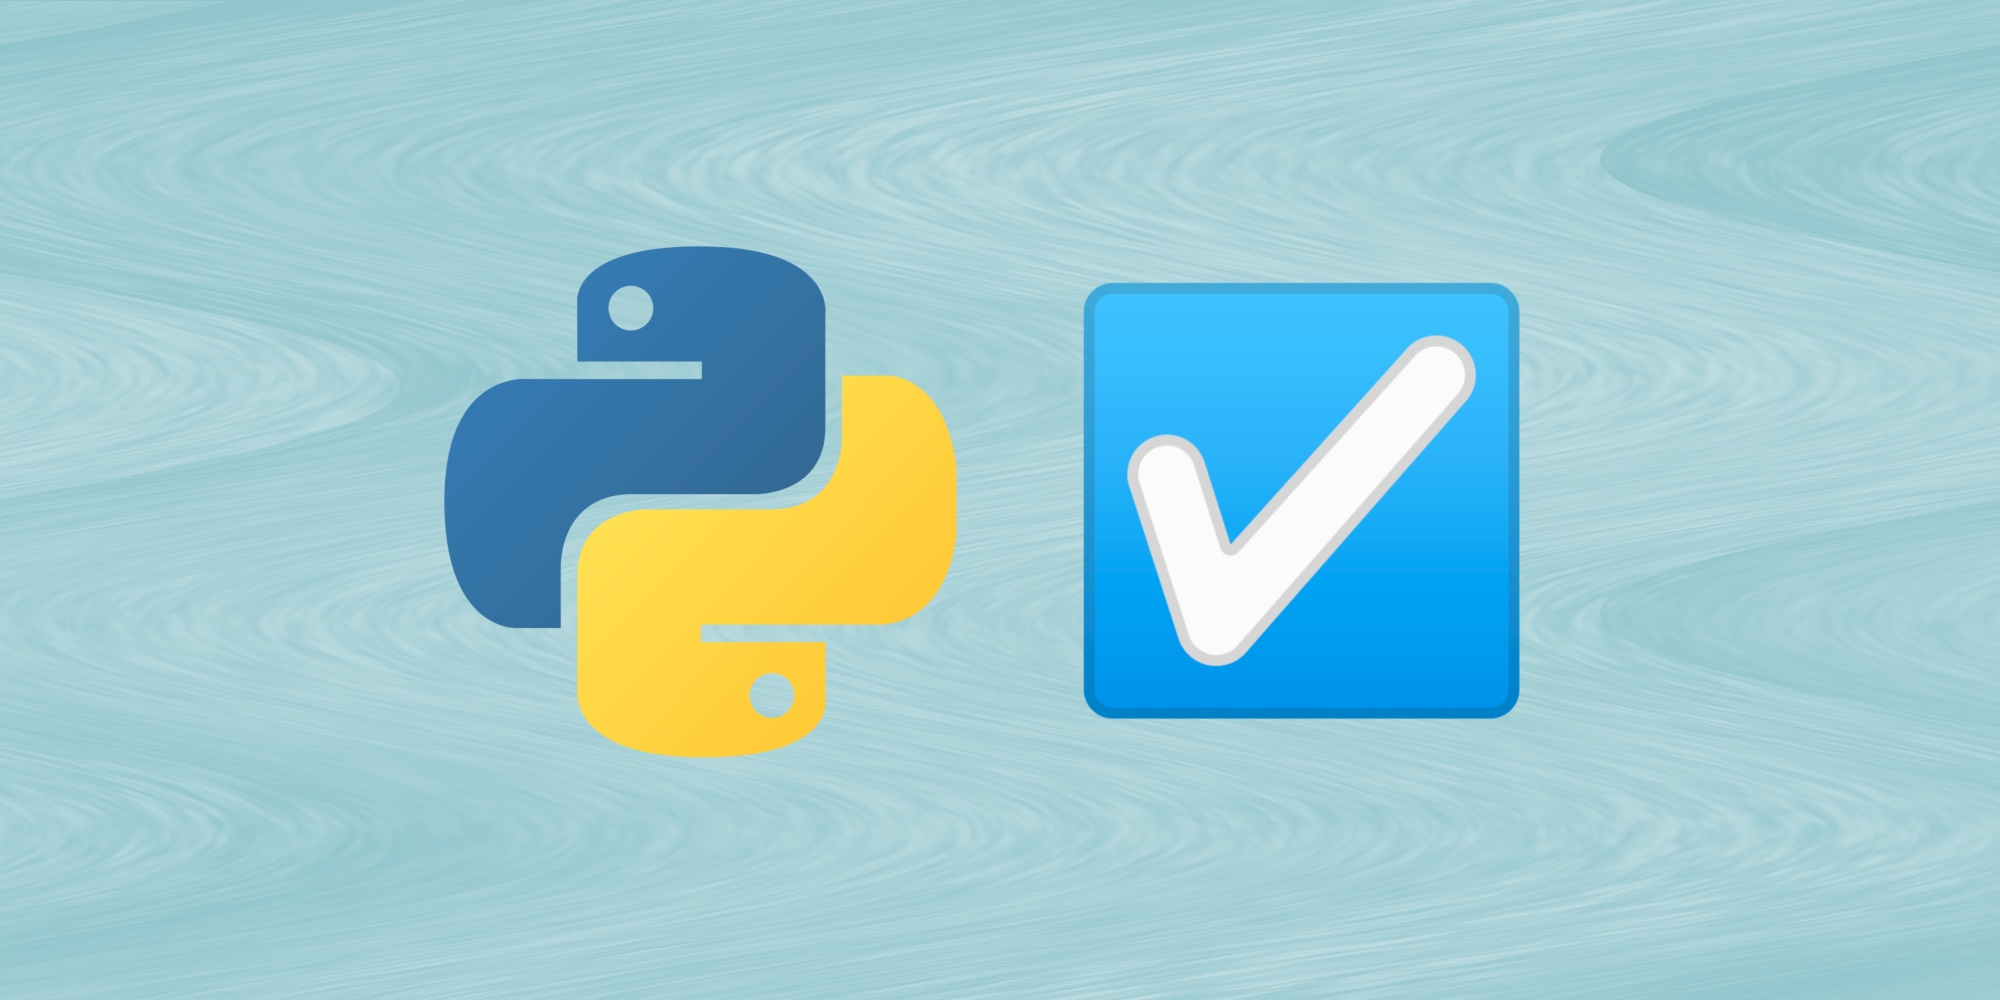 🐍 Python для автоматизации тестирования: создаем несложный REST-тест за 4 шага